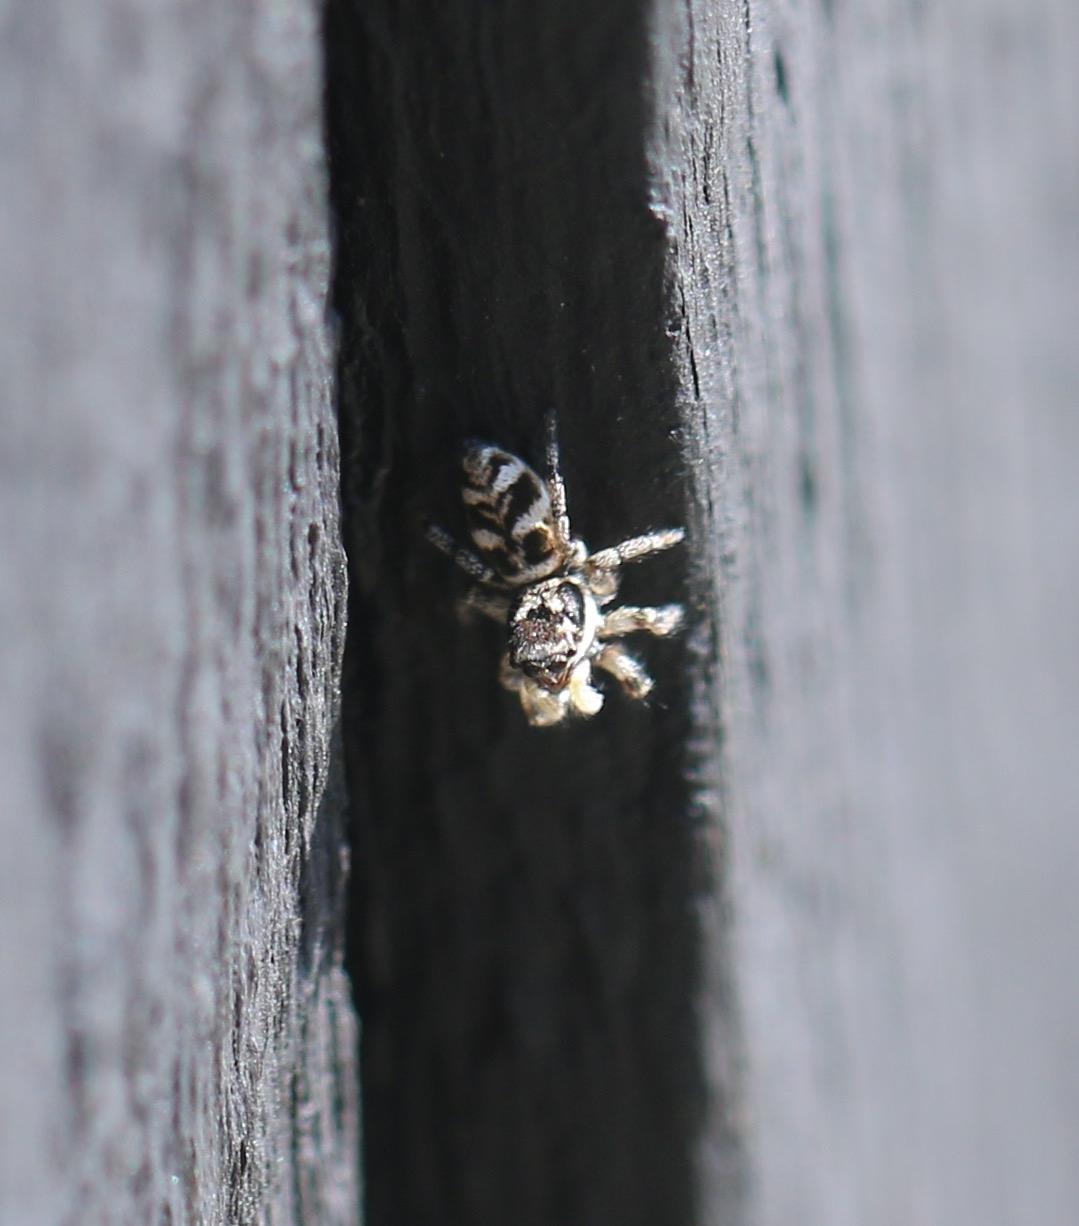 Almindelig Zebraedderkop (Salticus scenicus)